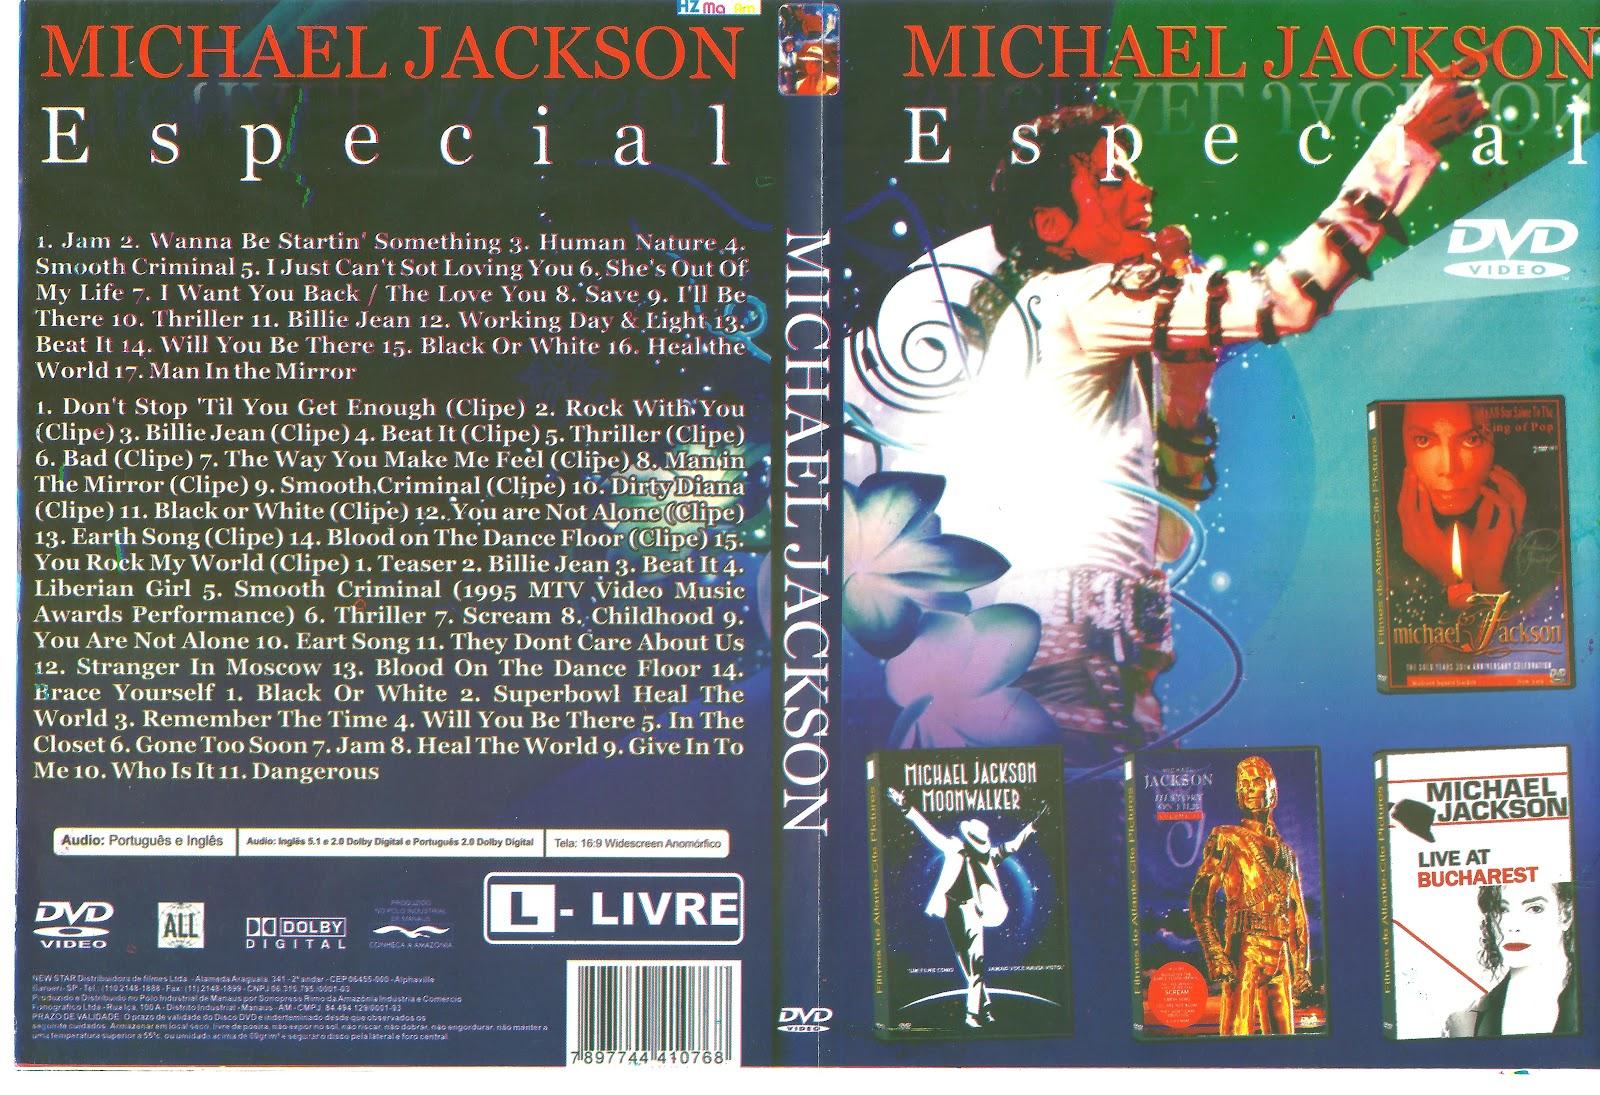 http://2.bp.blogspot.com/-pWTzF5JSi6E/T1Ivx6lXfiI/AAAAAAAABtU/s35CXvuM-pk/s1600/michael+jackson.jpg